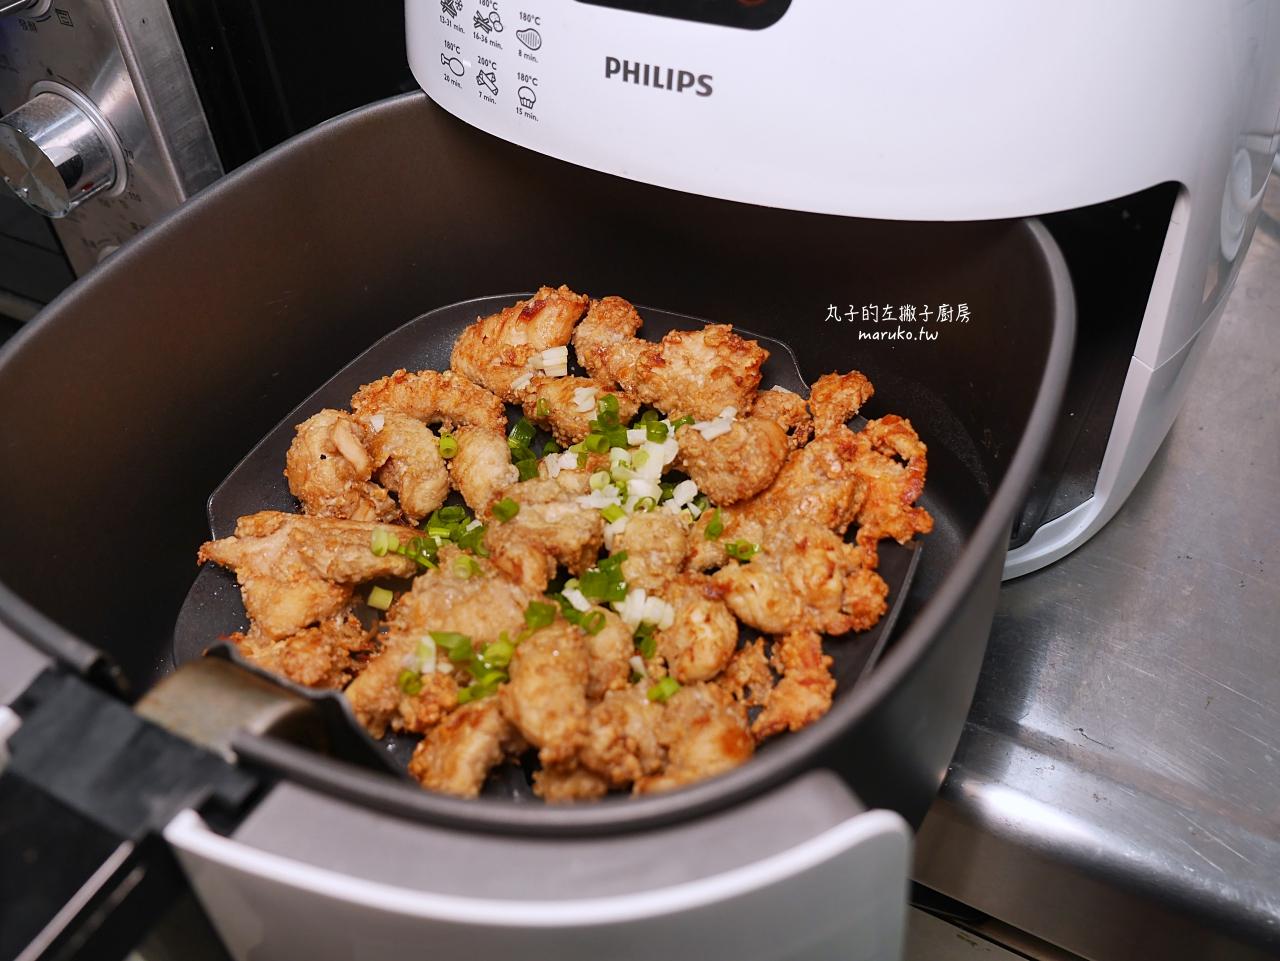 【食譜】香香雞 自製濕粉油炸香香雞的美味祕訣 (含氣炸版) @Maruko與美食有個約會